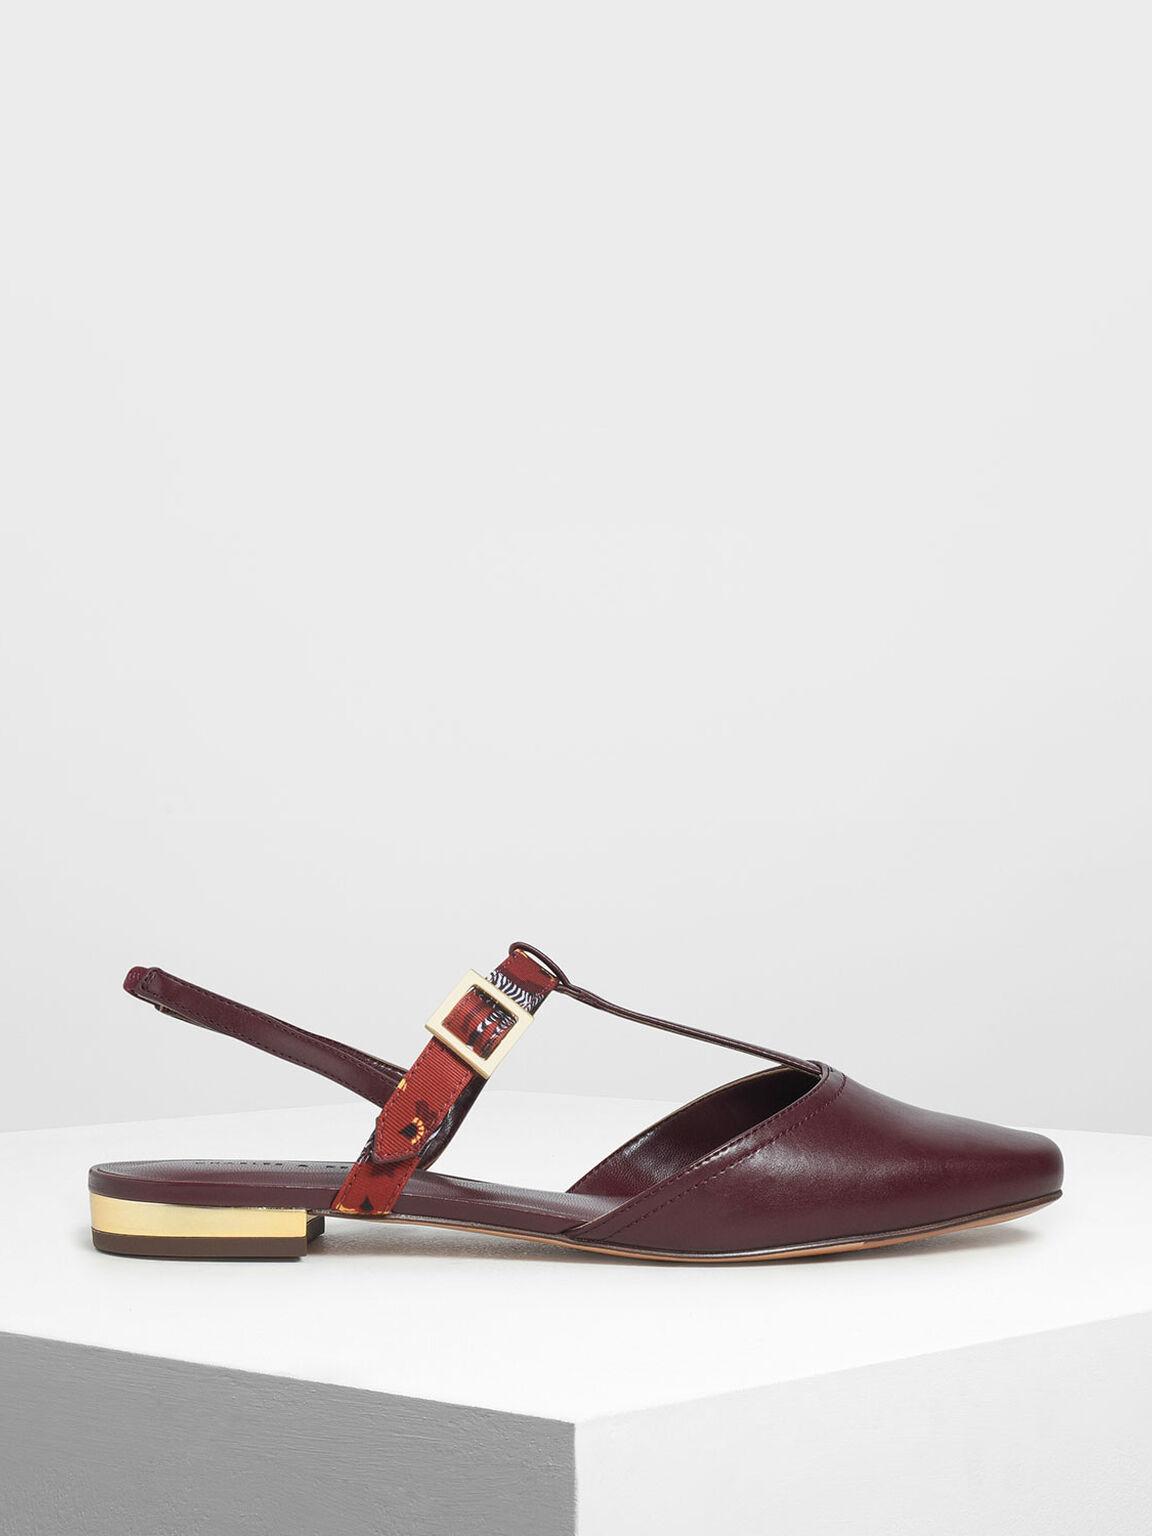 T- Bar Front Covered Sandals, Burgundy, hi-res